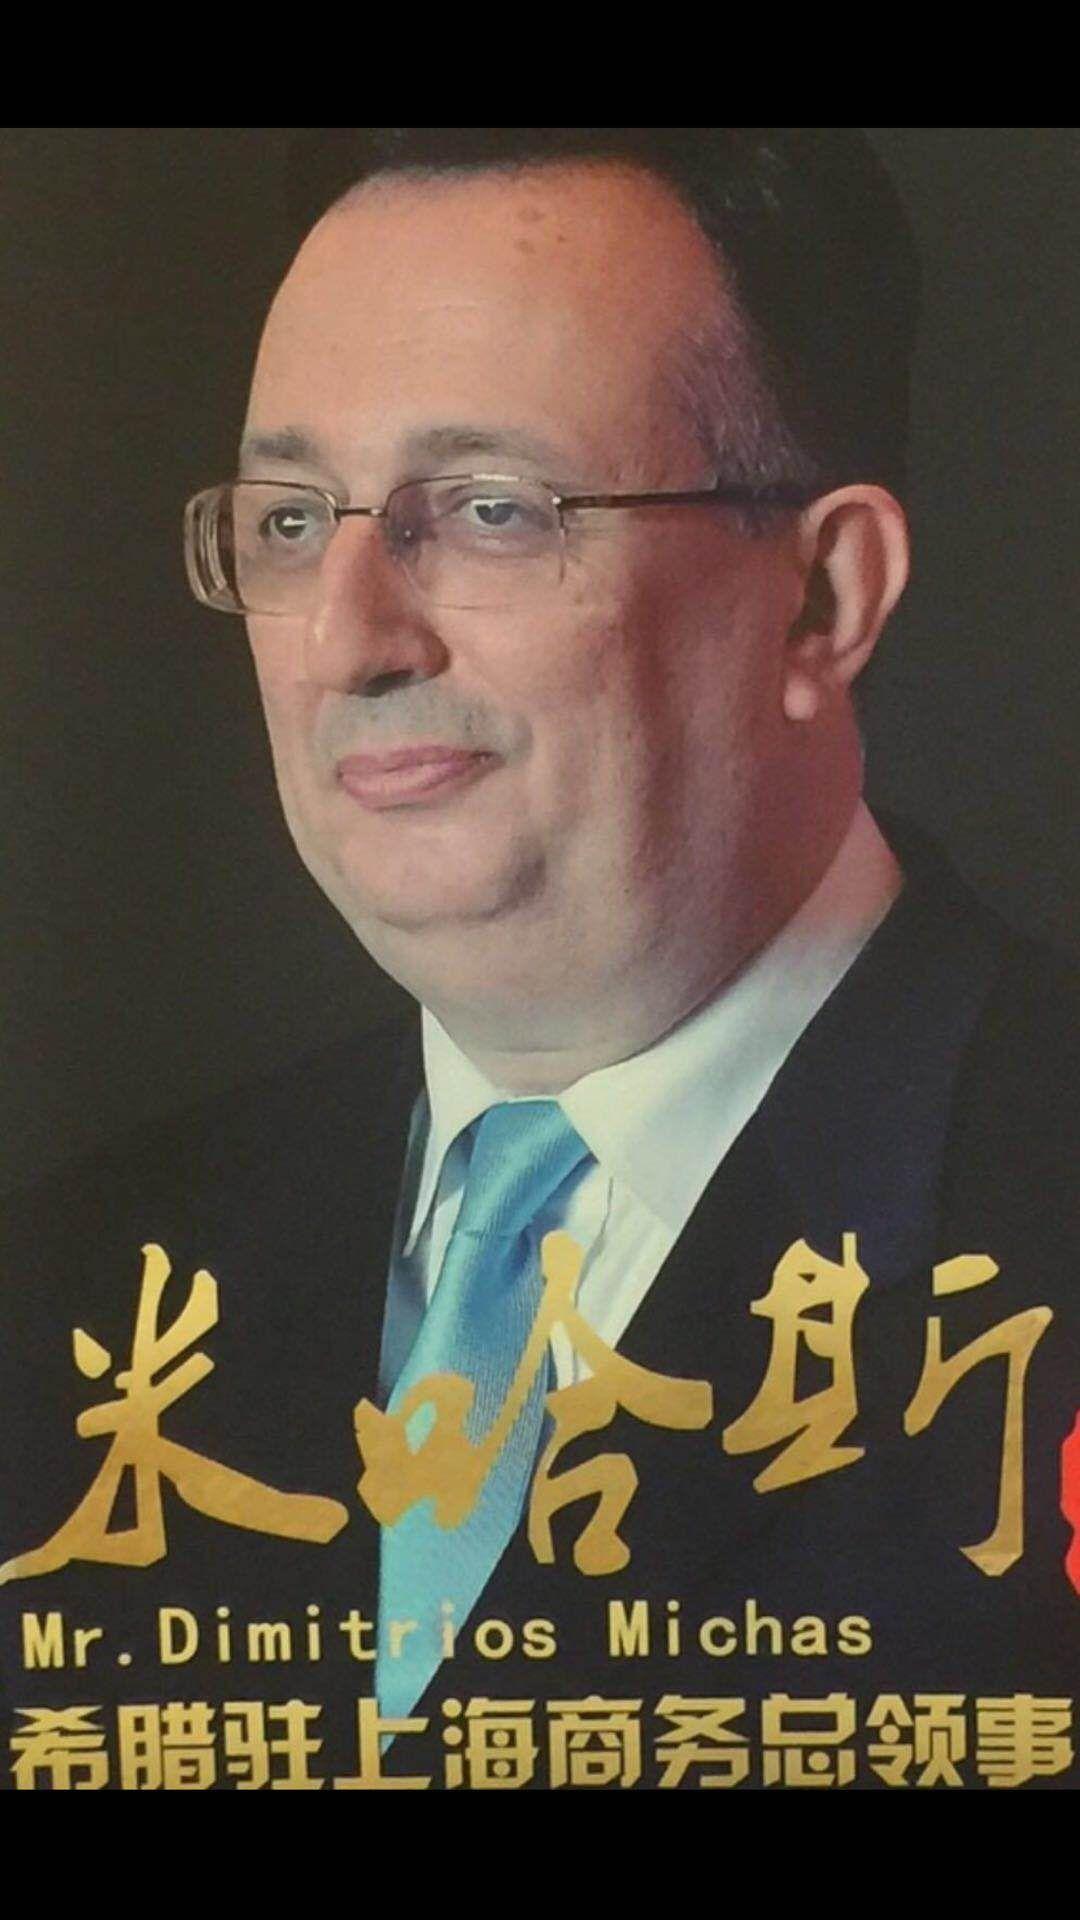 海外資產配置及子女精英教育投資策略會將于本周日在濟南富力凱悅酒店舉行